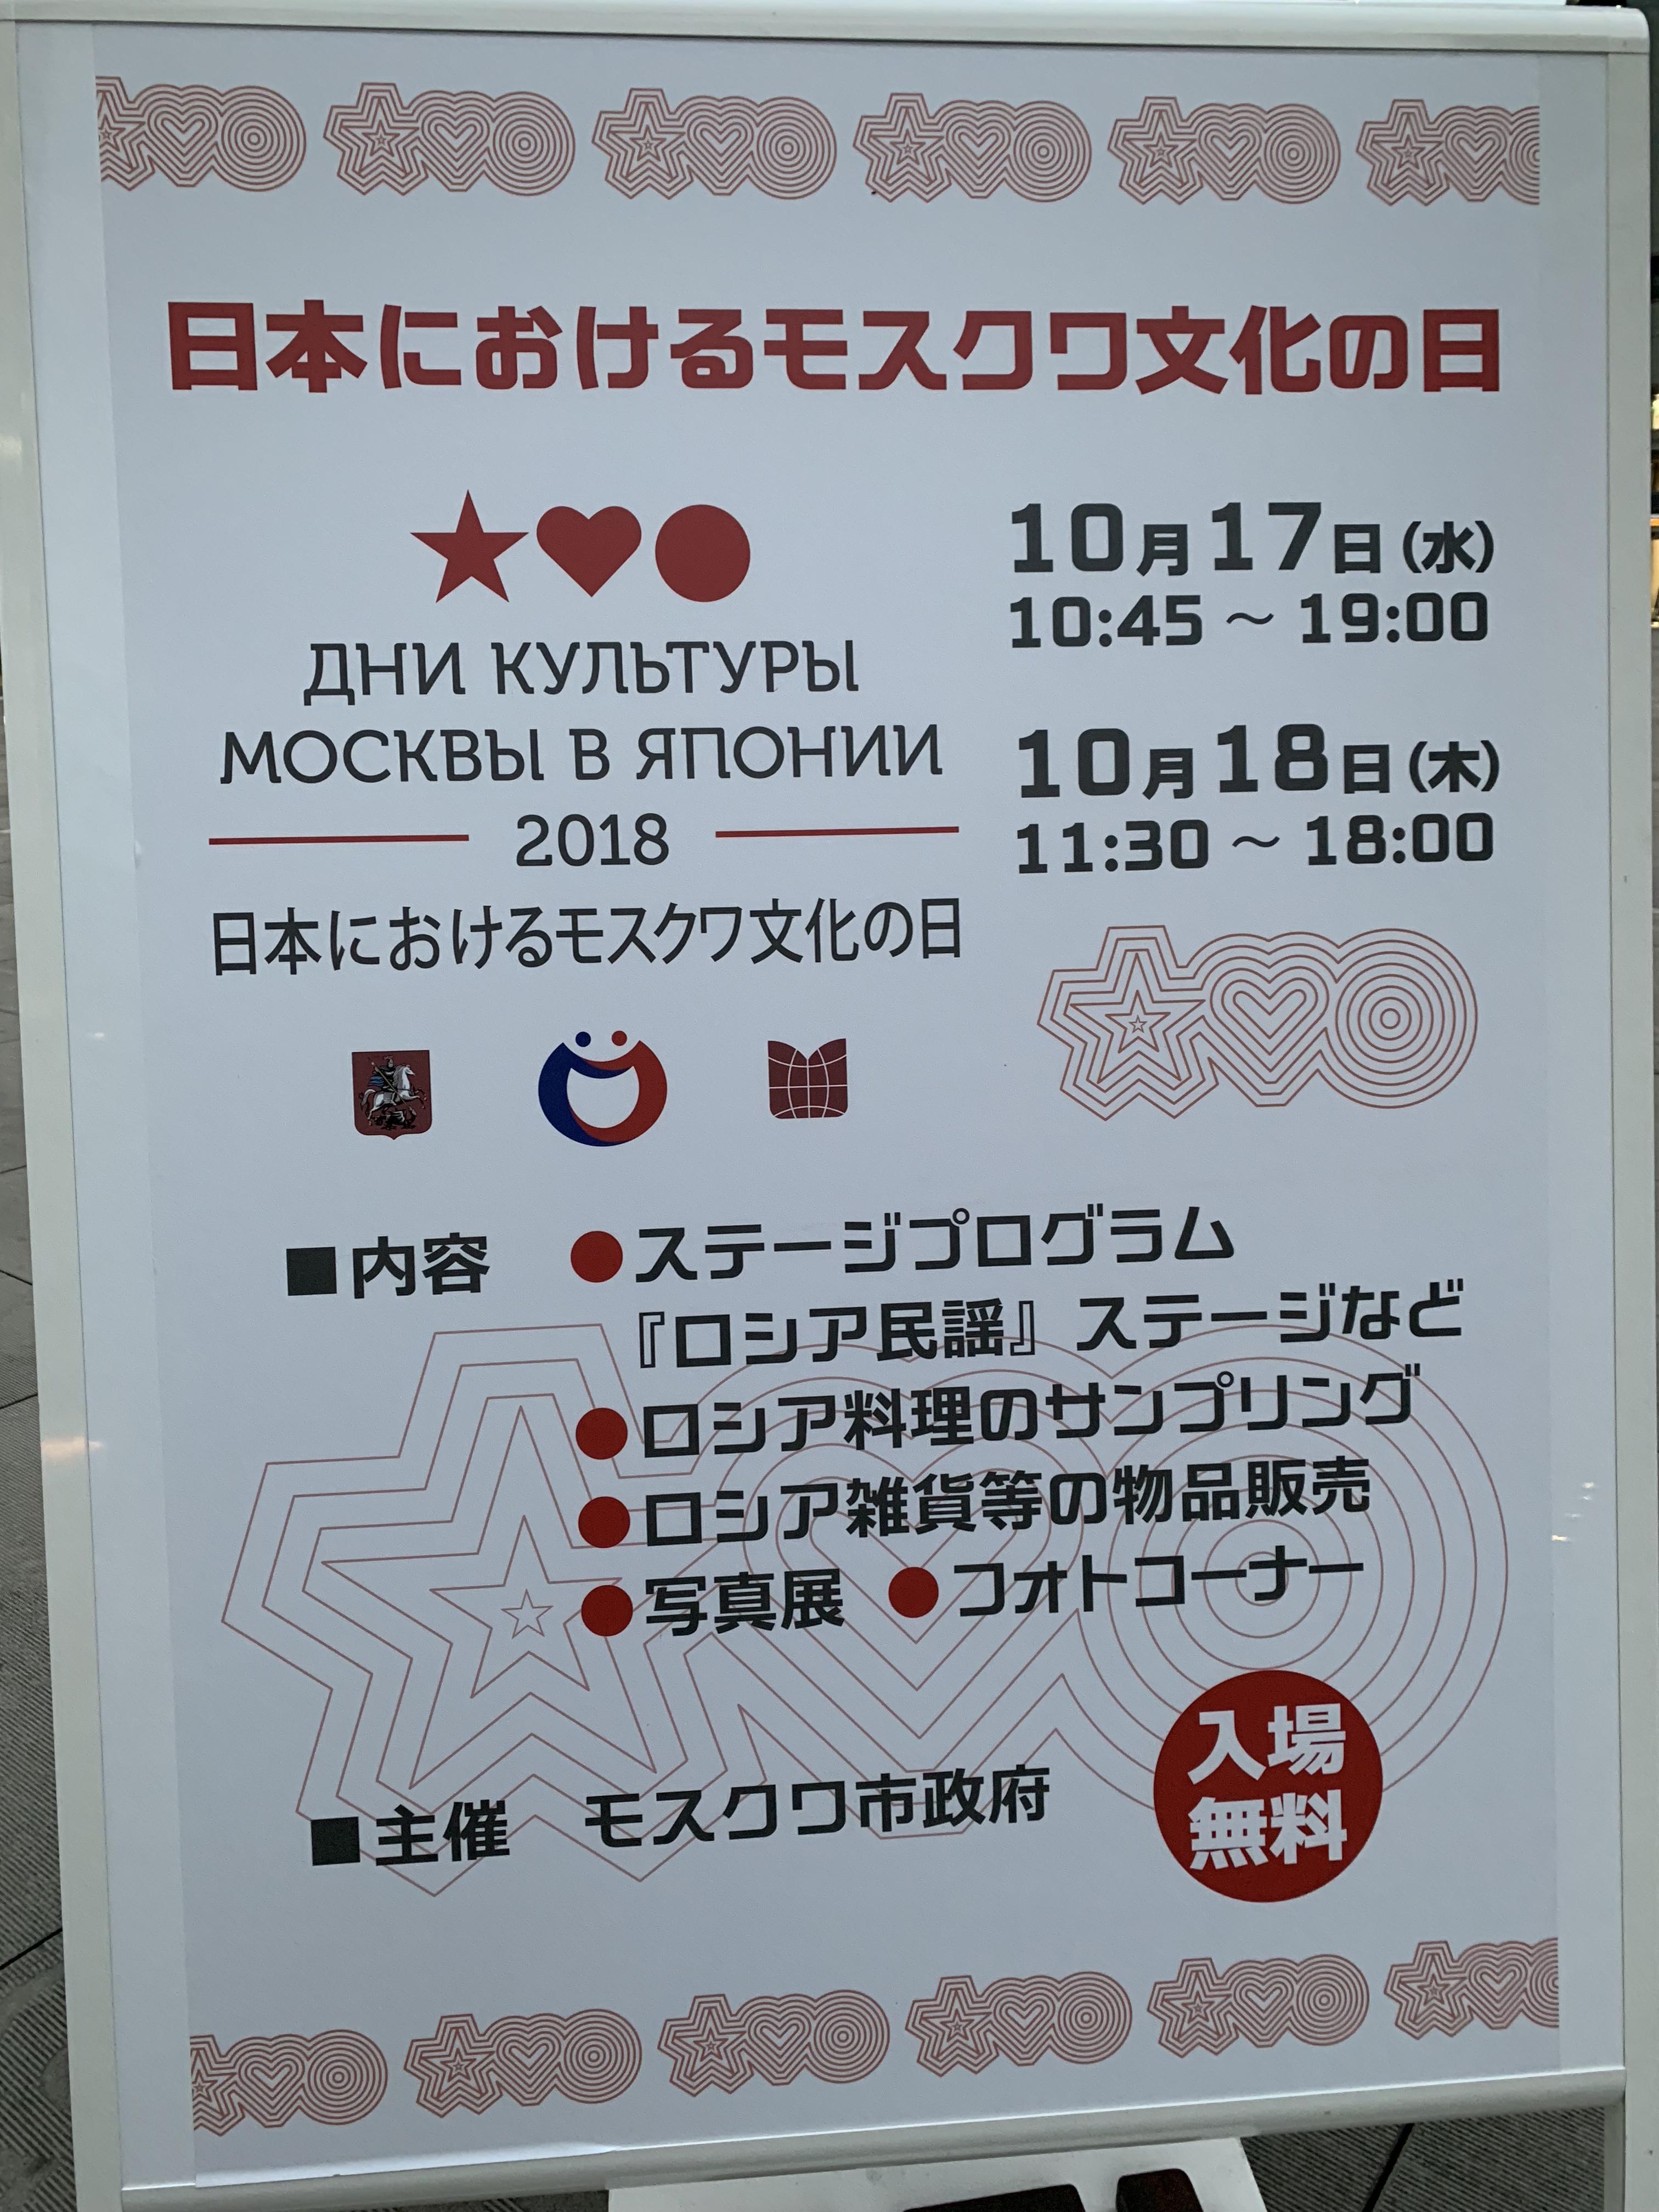 日本におけるモスクワ文化の日